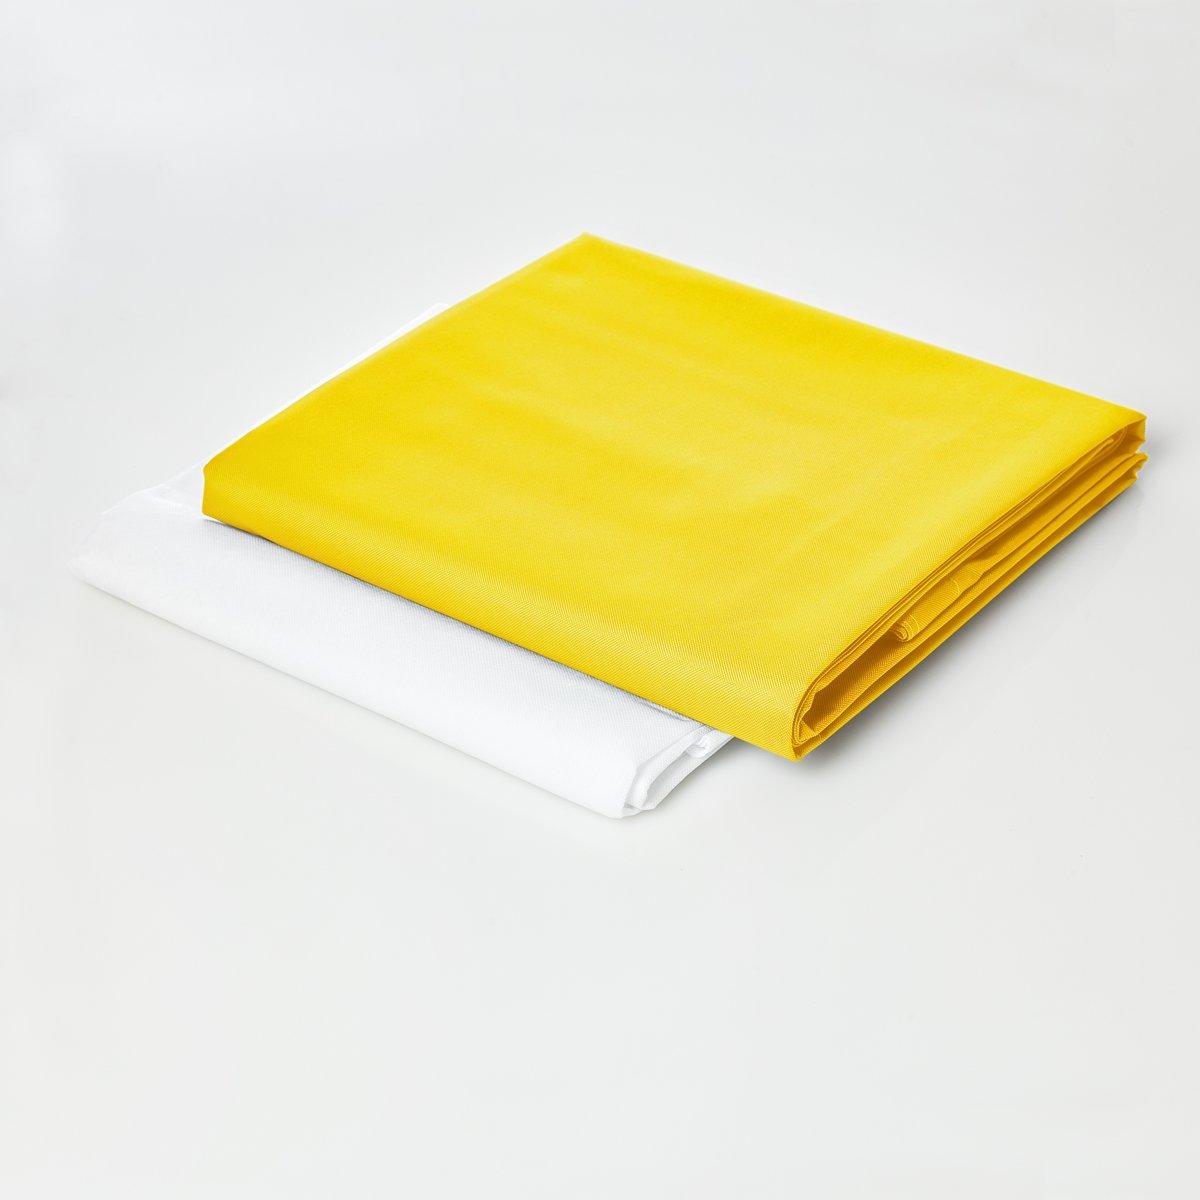 Lumaland - Hoes van luxe XXL zitzak - enkel de hoes zonder vulling - Volume 380 liter - 140 x 180 cm - gemaakt van PVC / Polyester - Geel kopen